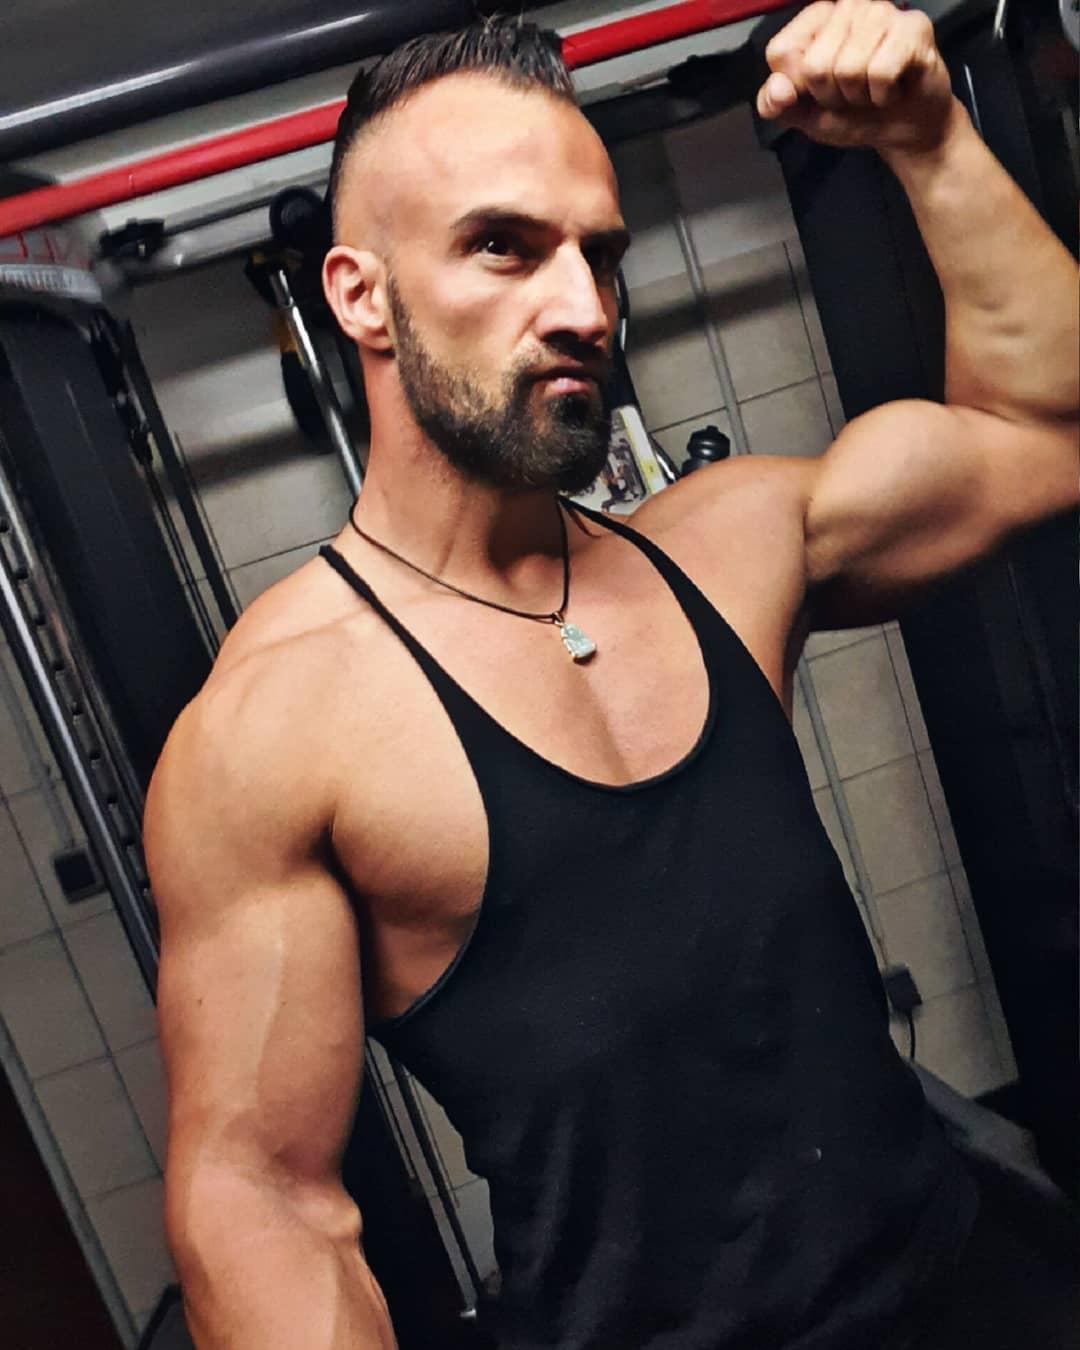 Der eine wartet, dass die Zeit sich wandelt… der andere packt sie kräftig an und handelt! 💪🏼💥💥💥 . #liferules #strenght #gymmotivation #lifequotes #fitnessmotivation #mcfit #mcfitberlin #mcfitmodels #mcfitspandau #johnreed #johnreedberlin #power #posing #pump #muscles #biceps #chest #beast #beastmode #gym #fitfamgermany #staystrong #berlin #bossmode